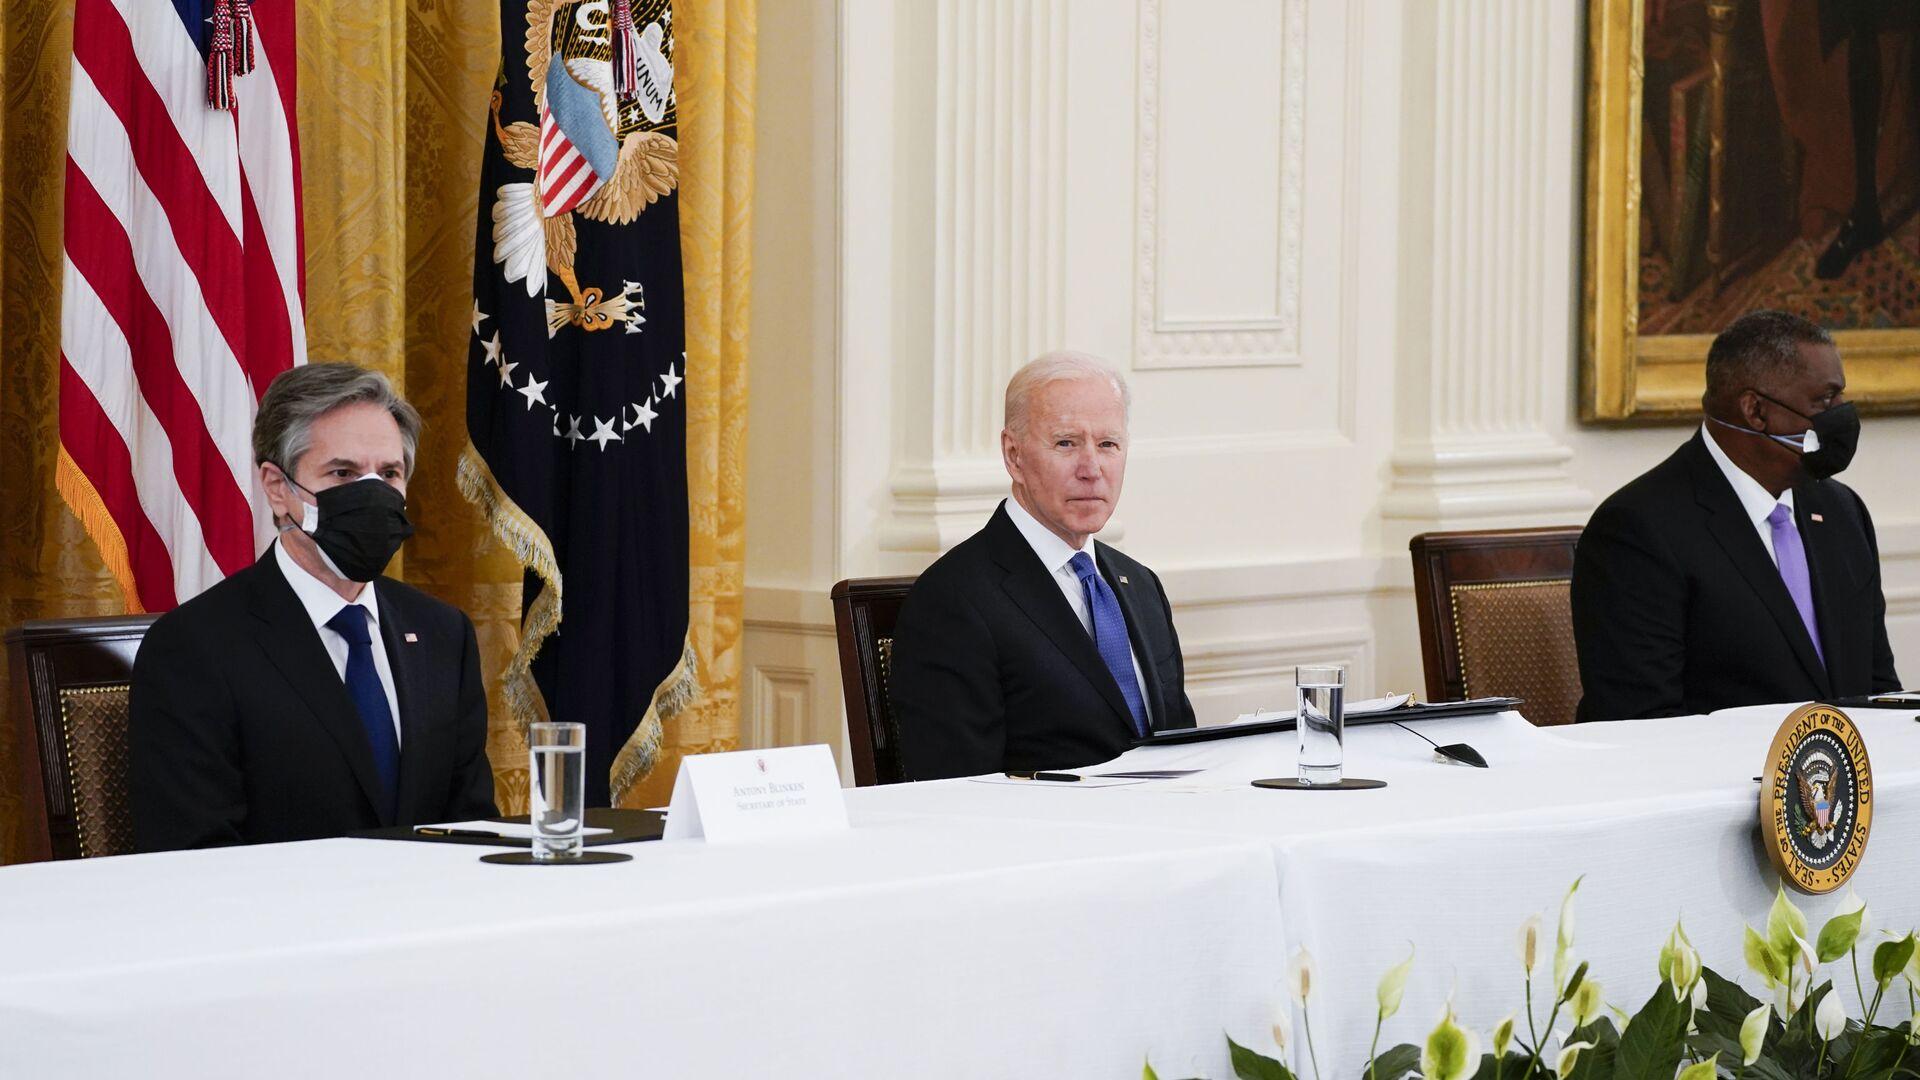 ABD Başkanı Joe Biden, ilk kabine toplantısını Beyaz Saray'da yeni tip koronavirüs (Kovid-19) önlemleri altında gerçekleştirdi. - Sputnik Türkiye, 1920, 10.08.2021